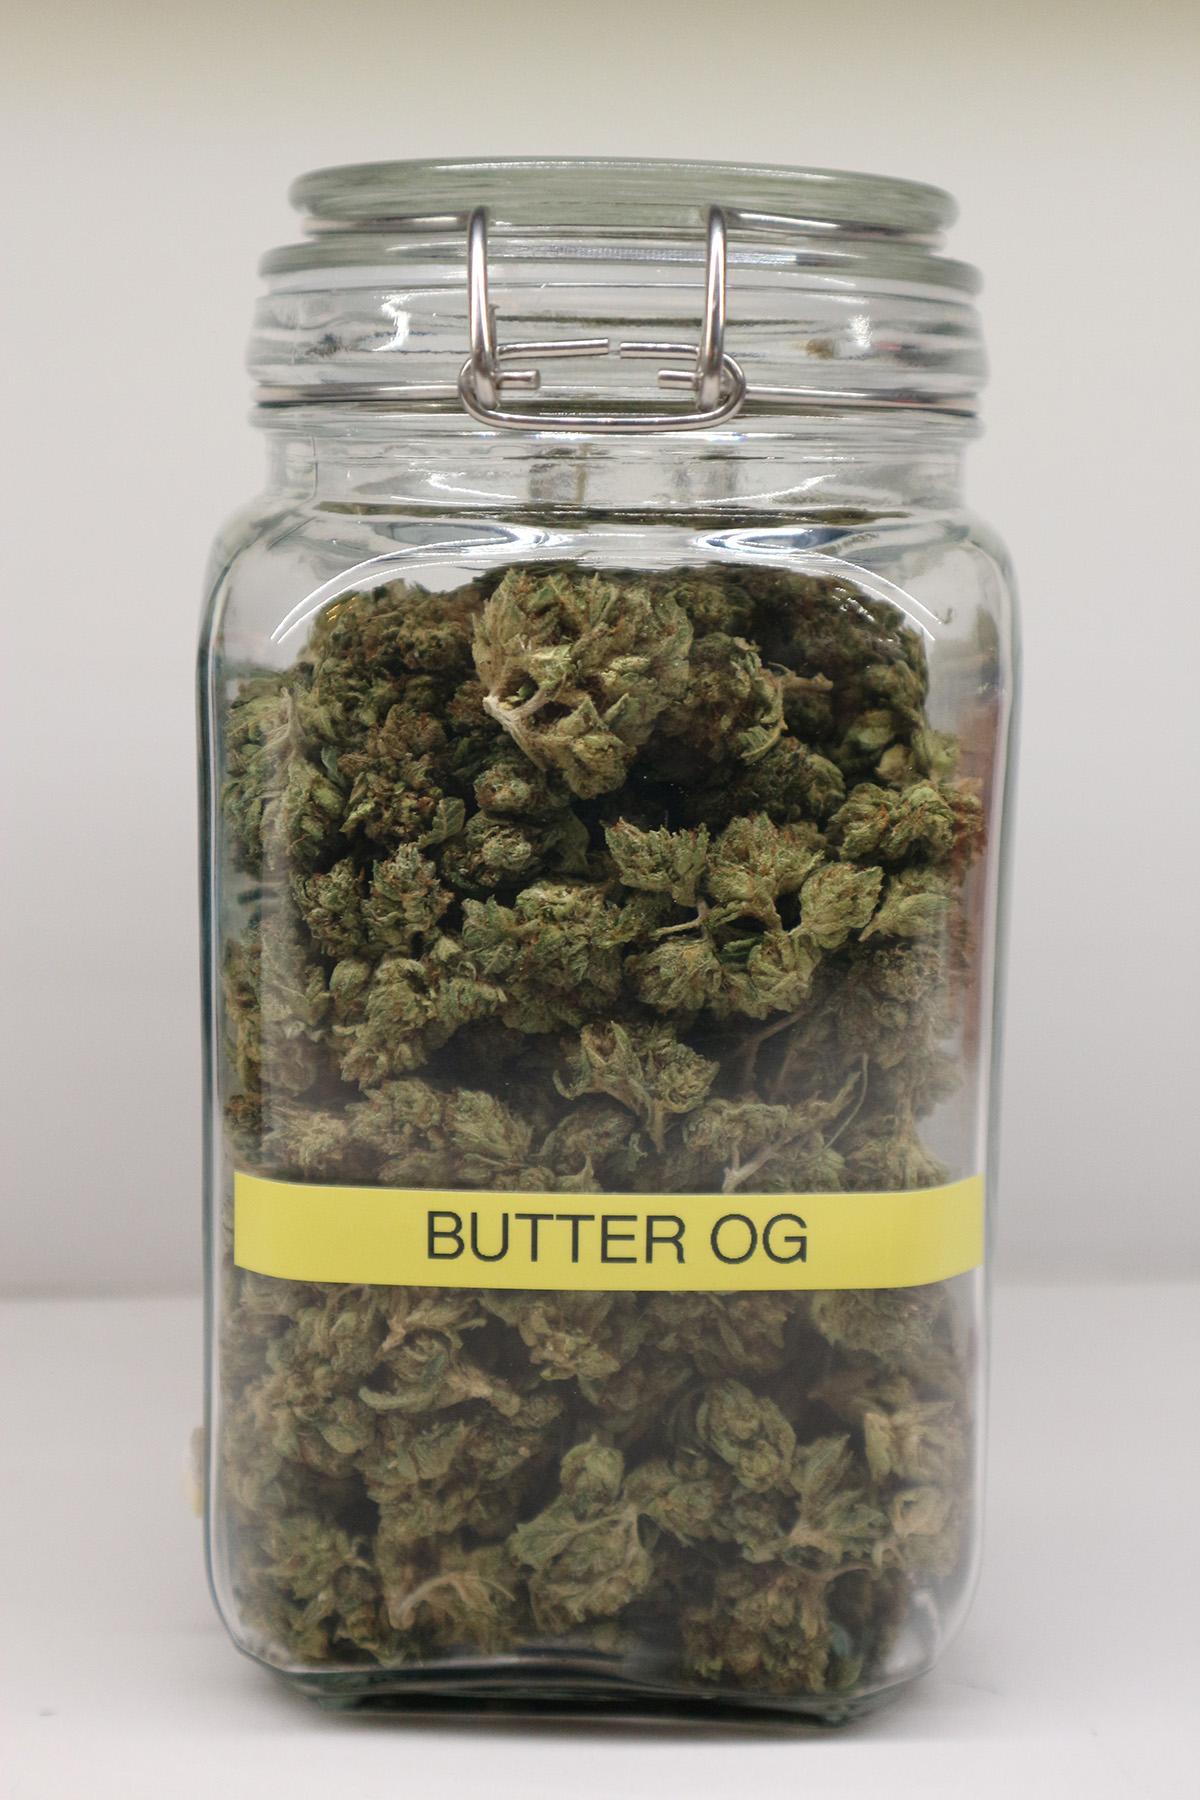 Butter OG